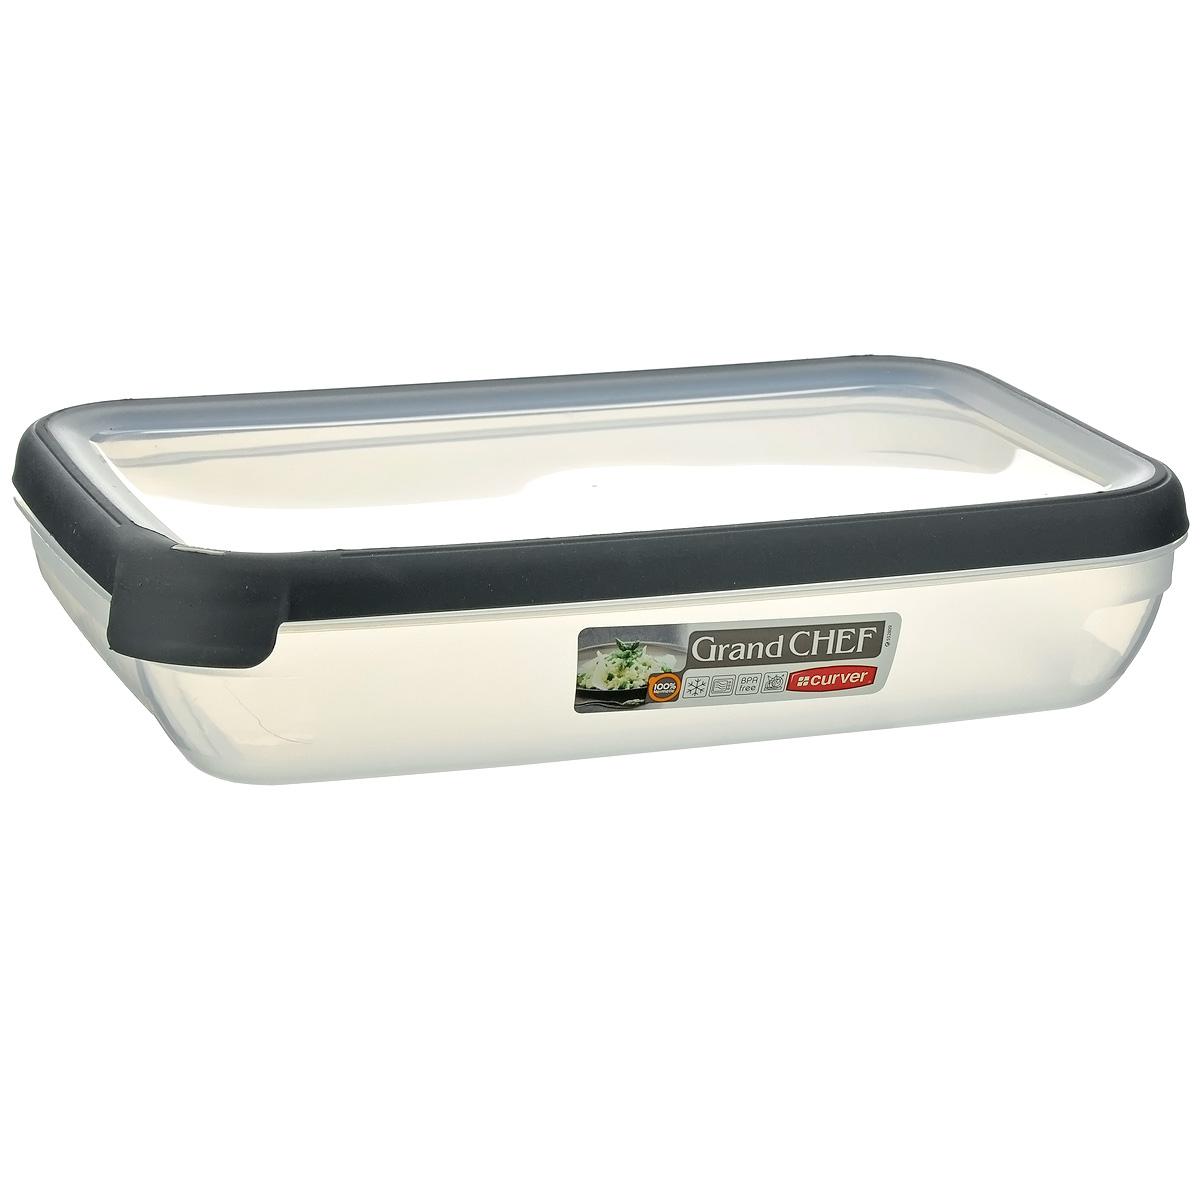 Емкость для заморозки и СВЧ Curver Grand Chef, цвет: серый, 2,6 л контейнер для продуктов curver grand chef 2 6 л серая крышка